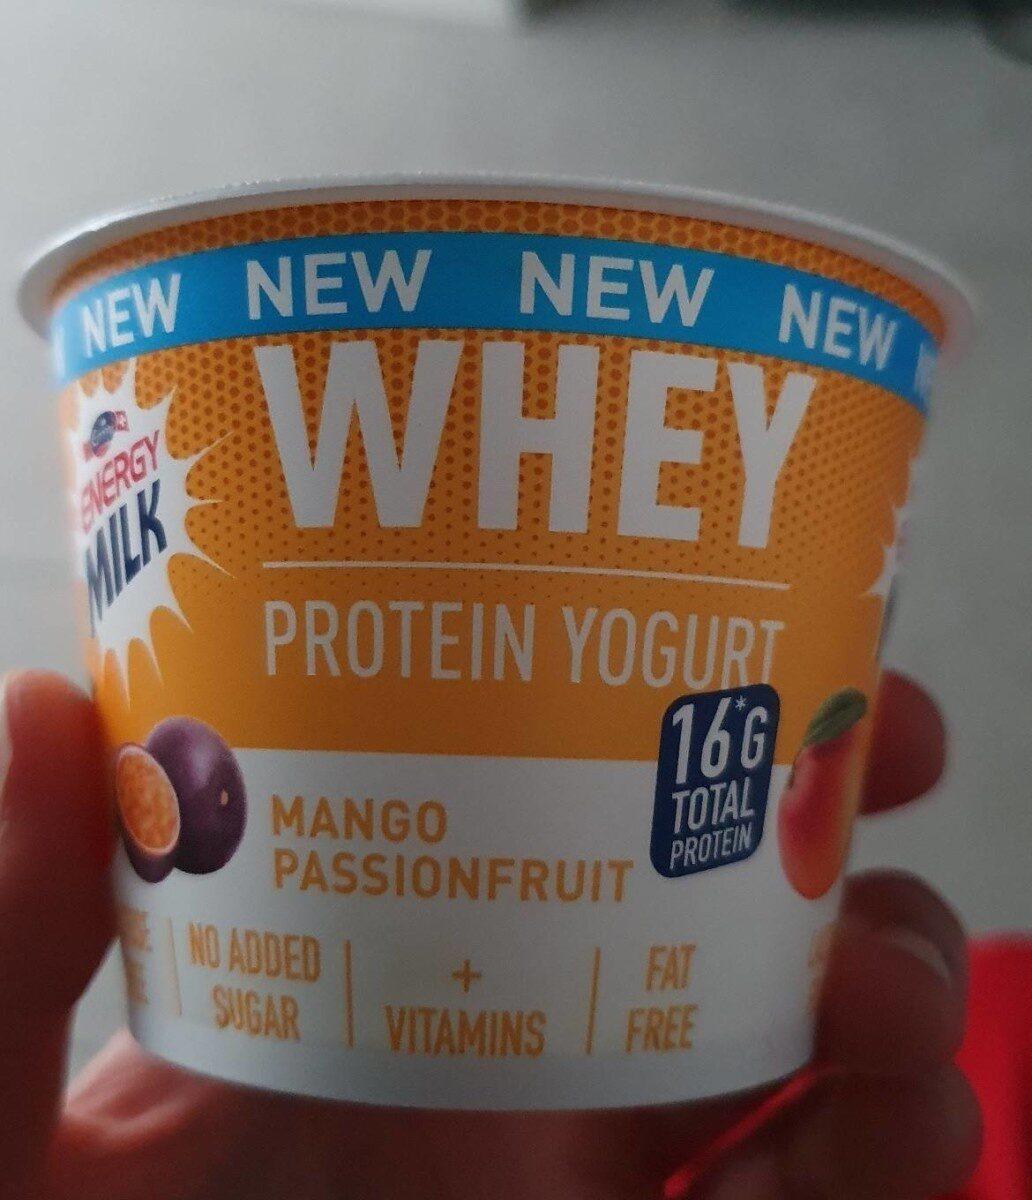 Whey Protein Yogurt Mango Passionfruit - Product - fr